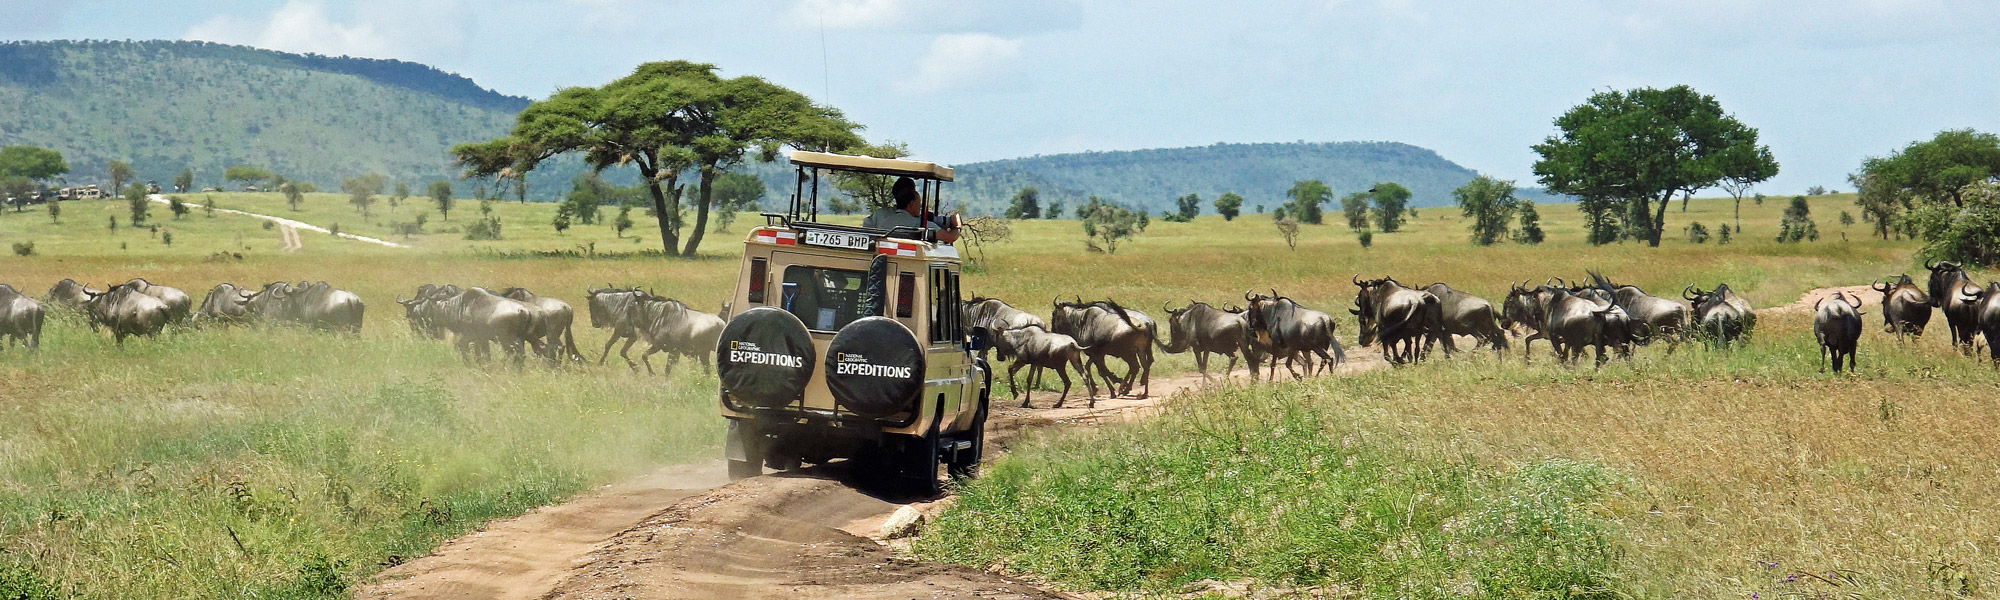 auf Safari in Tansania